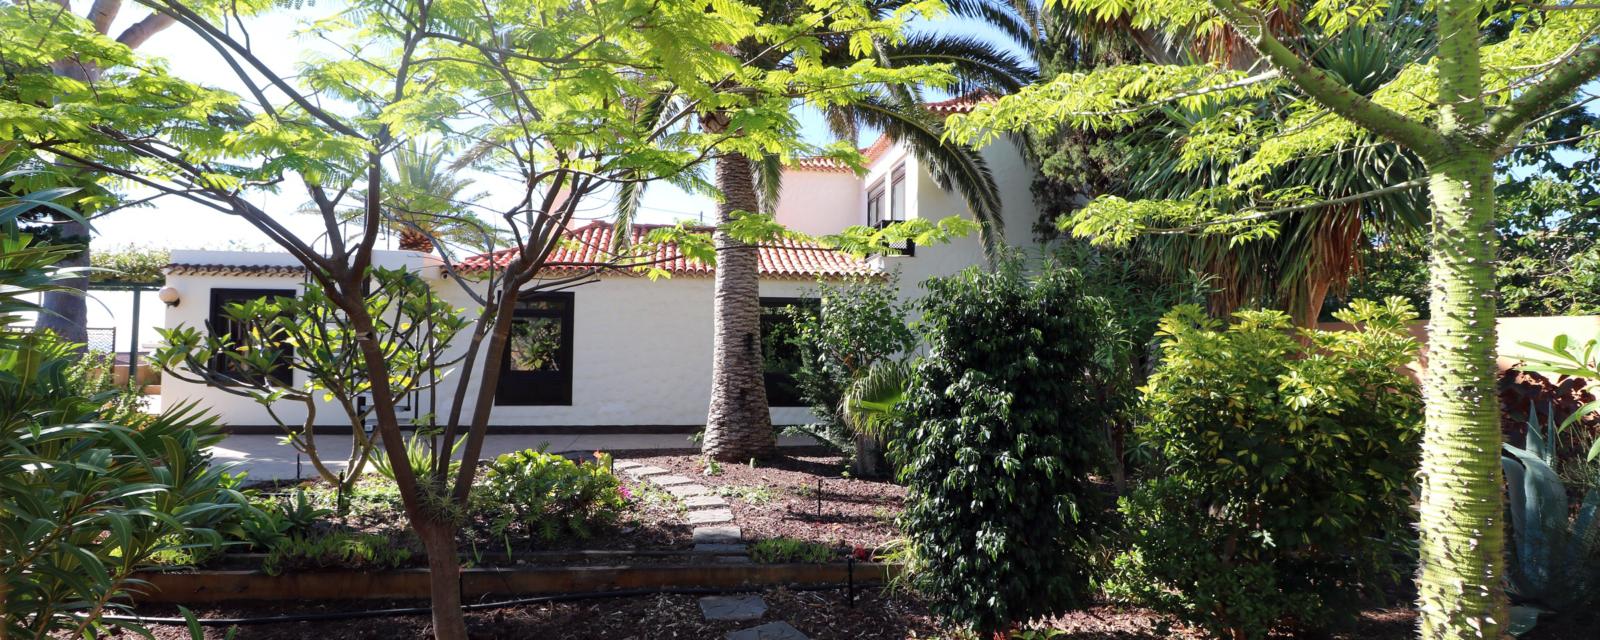 La Palma - Villa Escondida - Garden